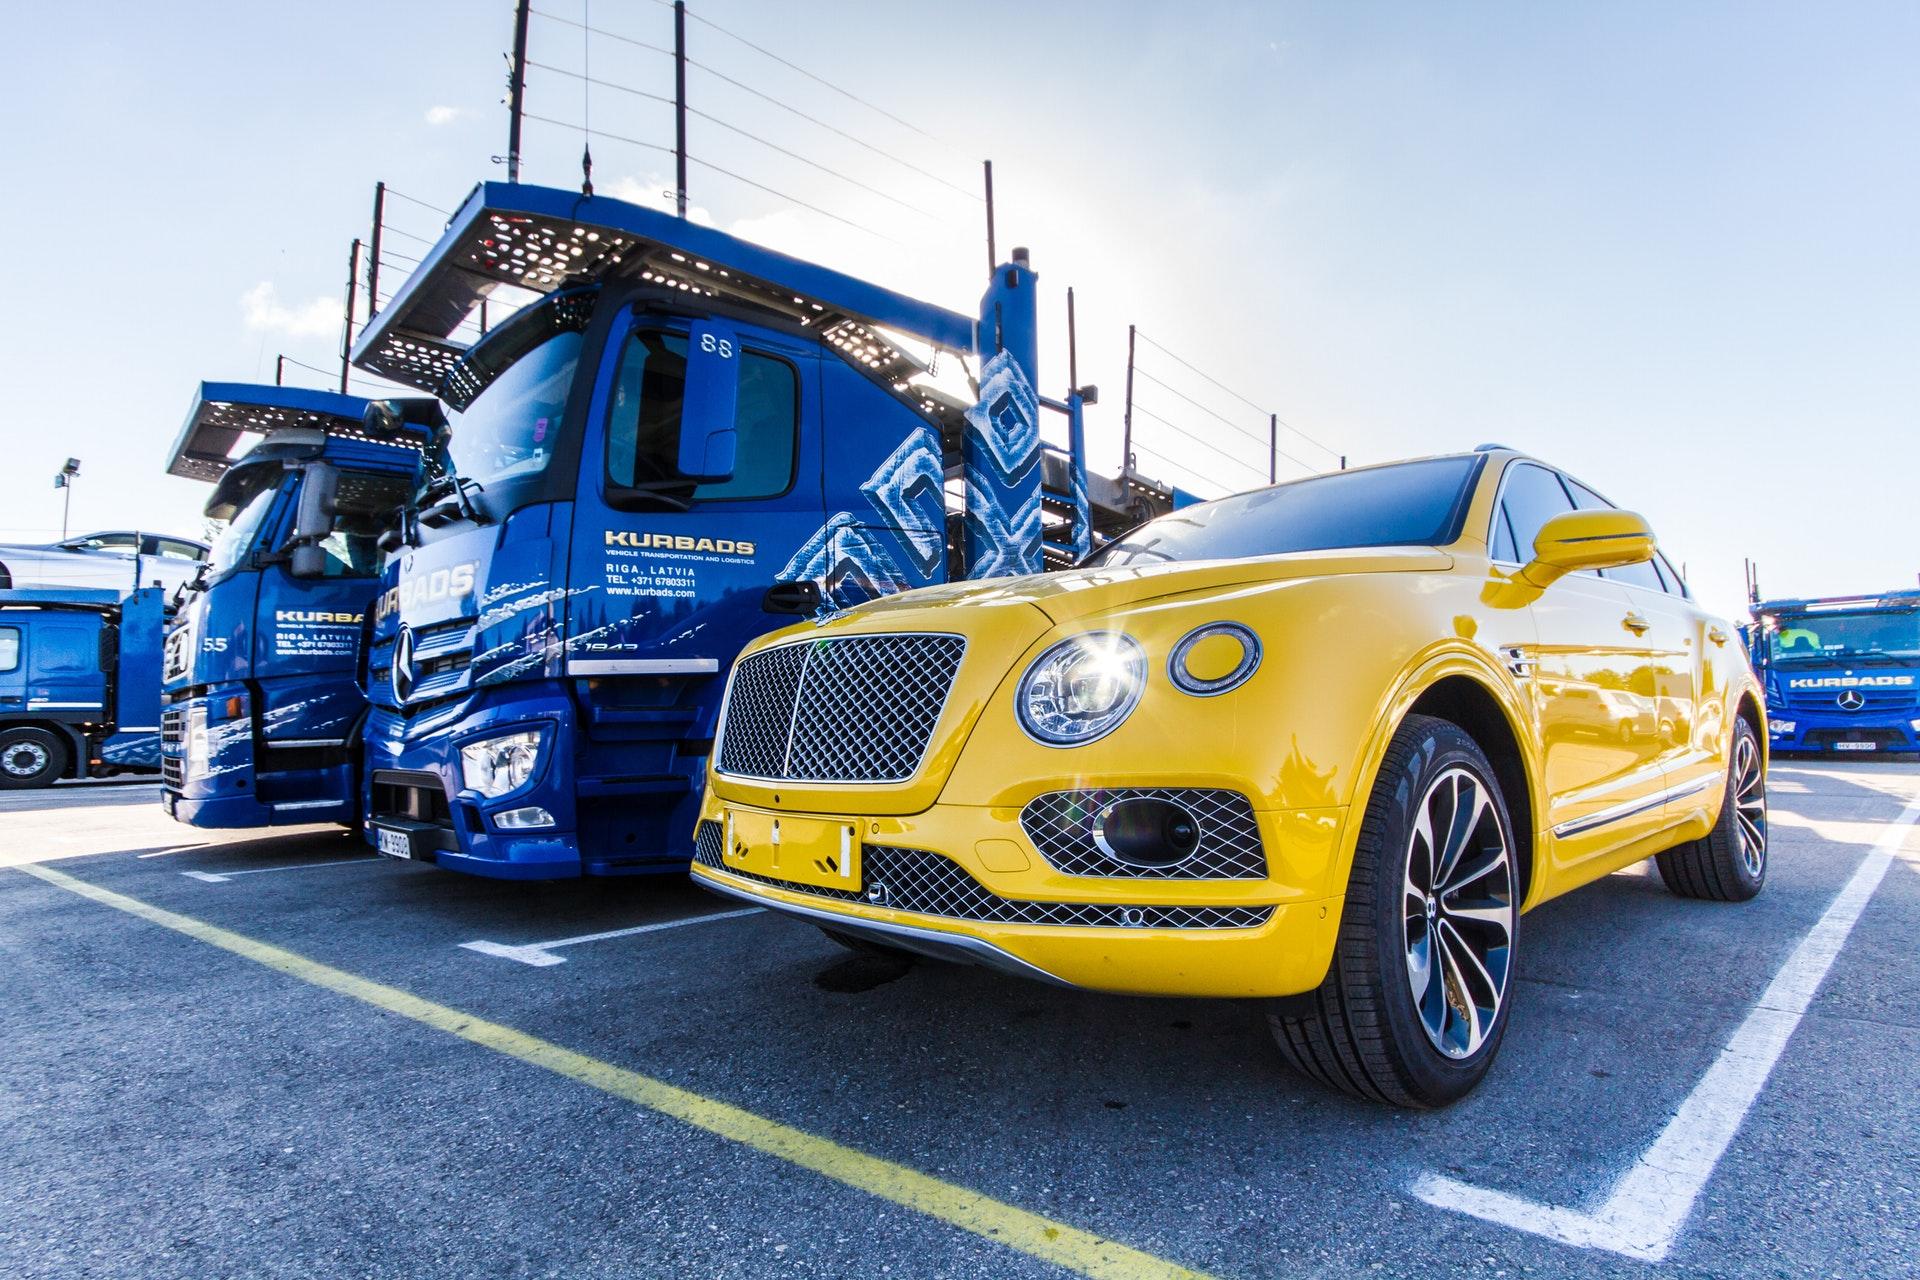 Międzynarodowa licencja transportowa